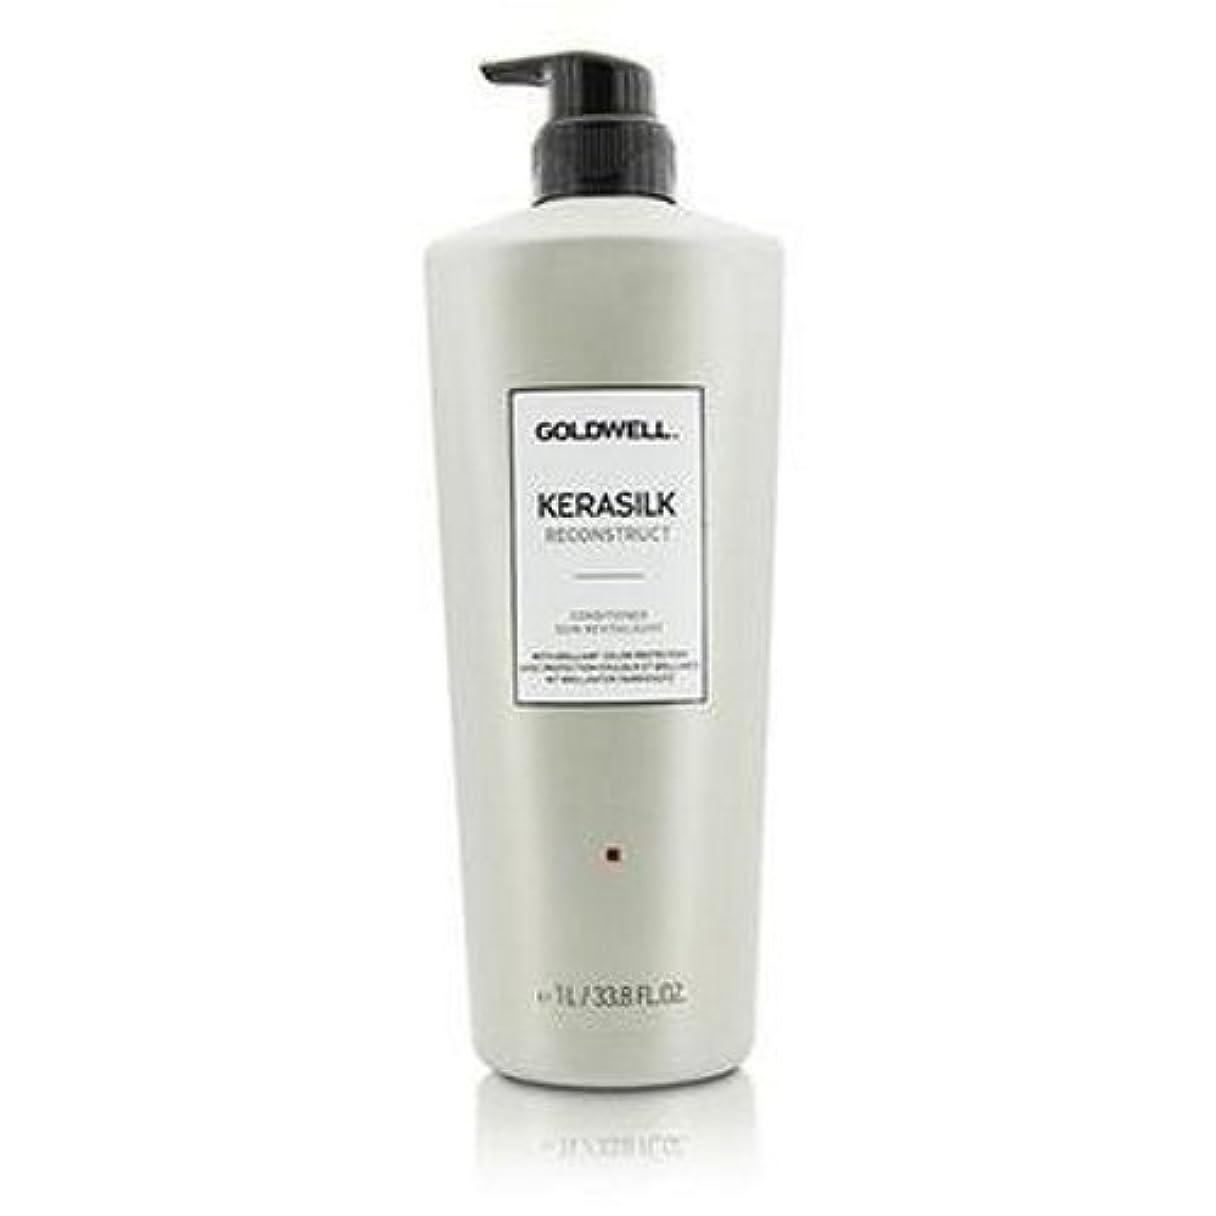 プロポーショナル判読できない平均ゴールドウェル Kerasilk Reconstruct Conditioner (For Stressed and Damaged Hair) 1000ml